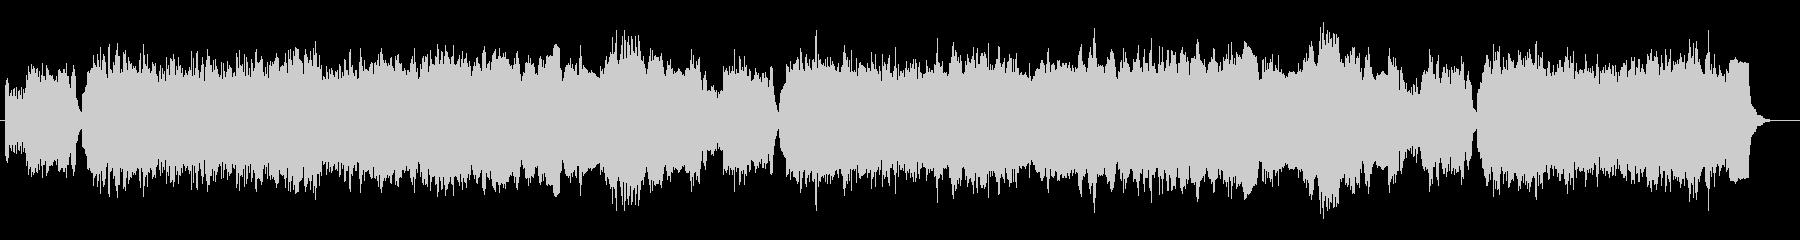 パイプオルガンでブランデンブルク協奏曲5の未再生の波形